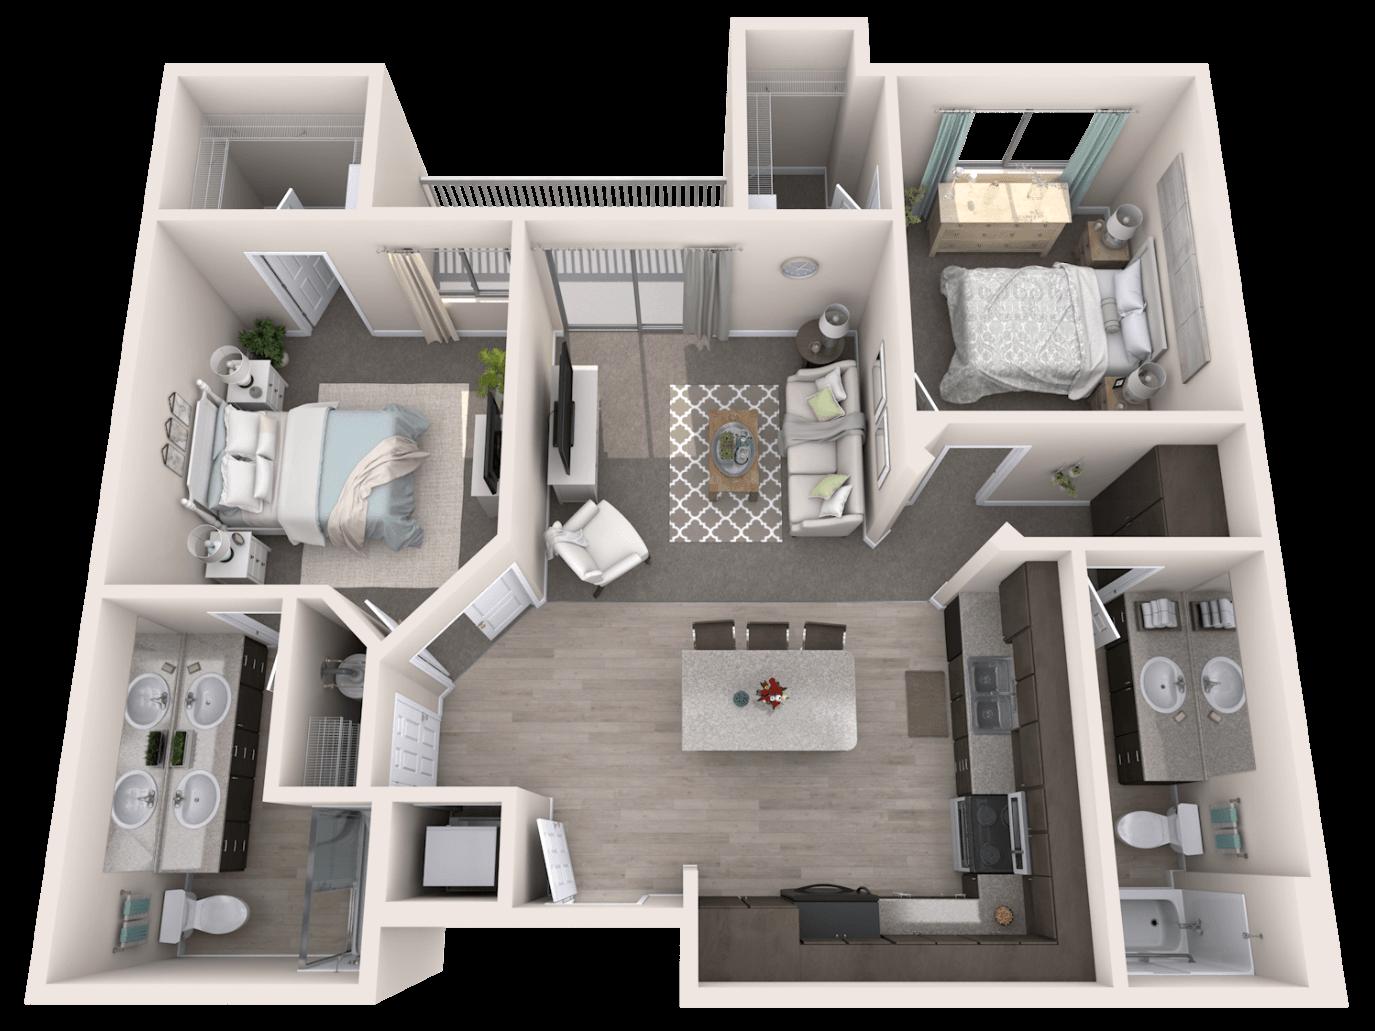 floor plan imaging 3d floor plans floorplans pinterest 3d floor plan imaging 3d floor plans